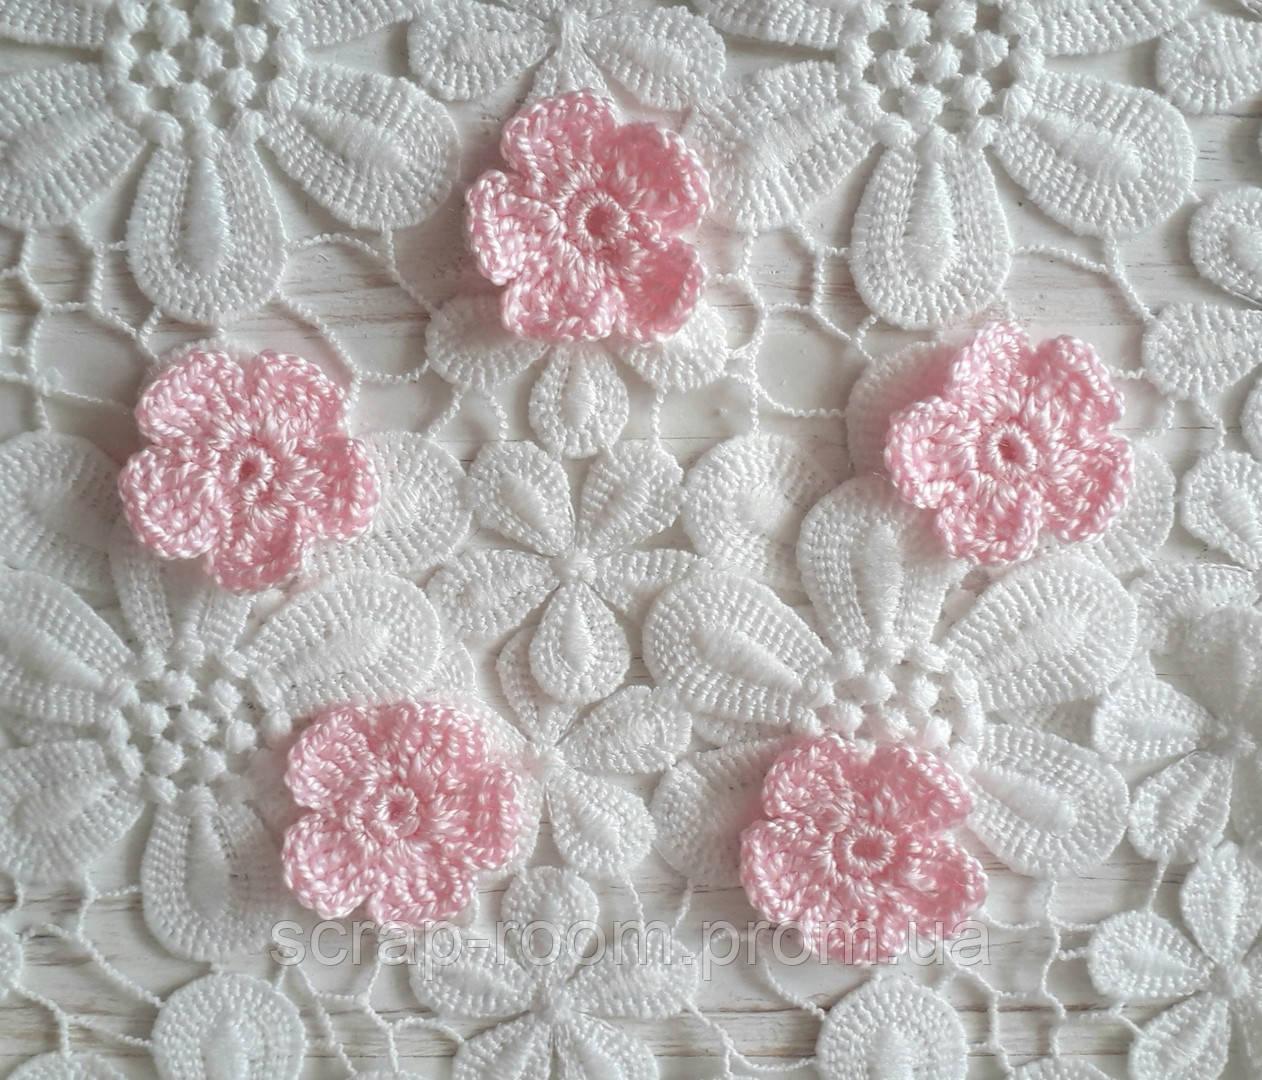 Вязаный цветок розовый, вязаный цветок 2,5 см, цветок вязаный ручная работа, розовый вязаный цветок